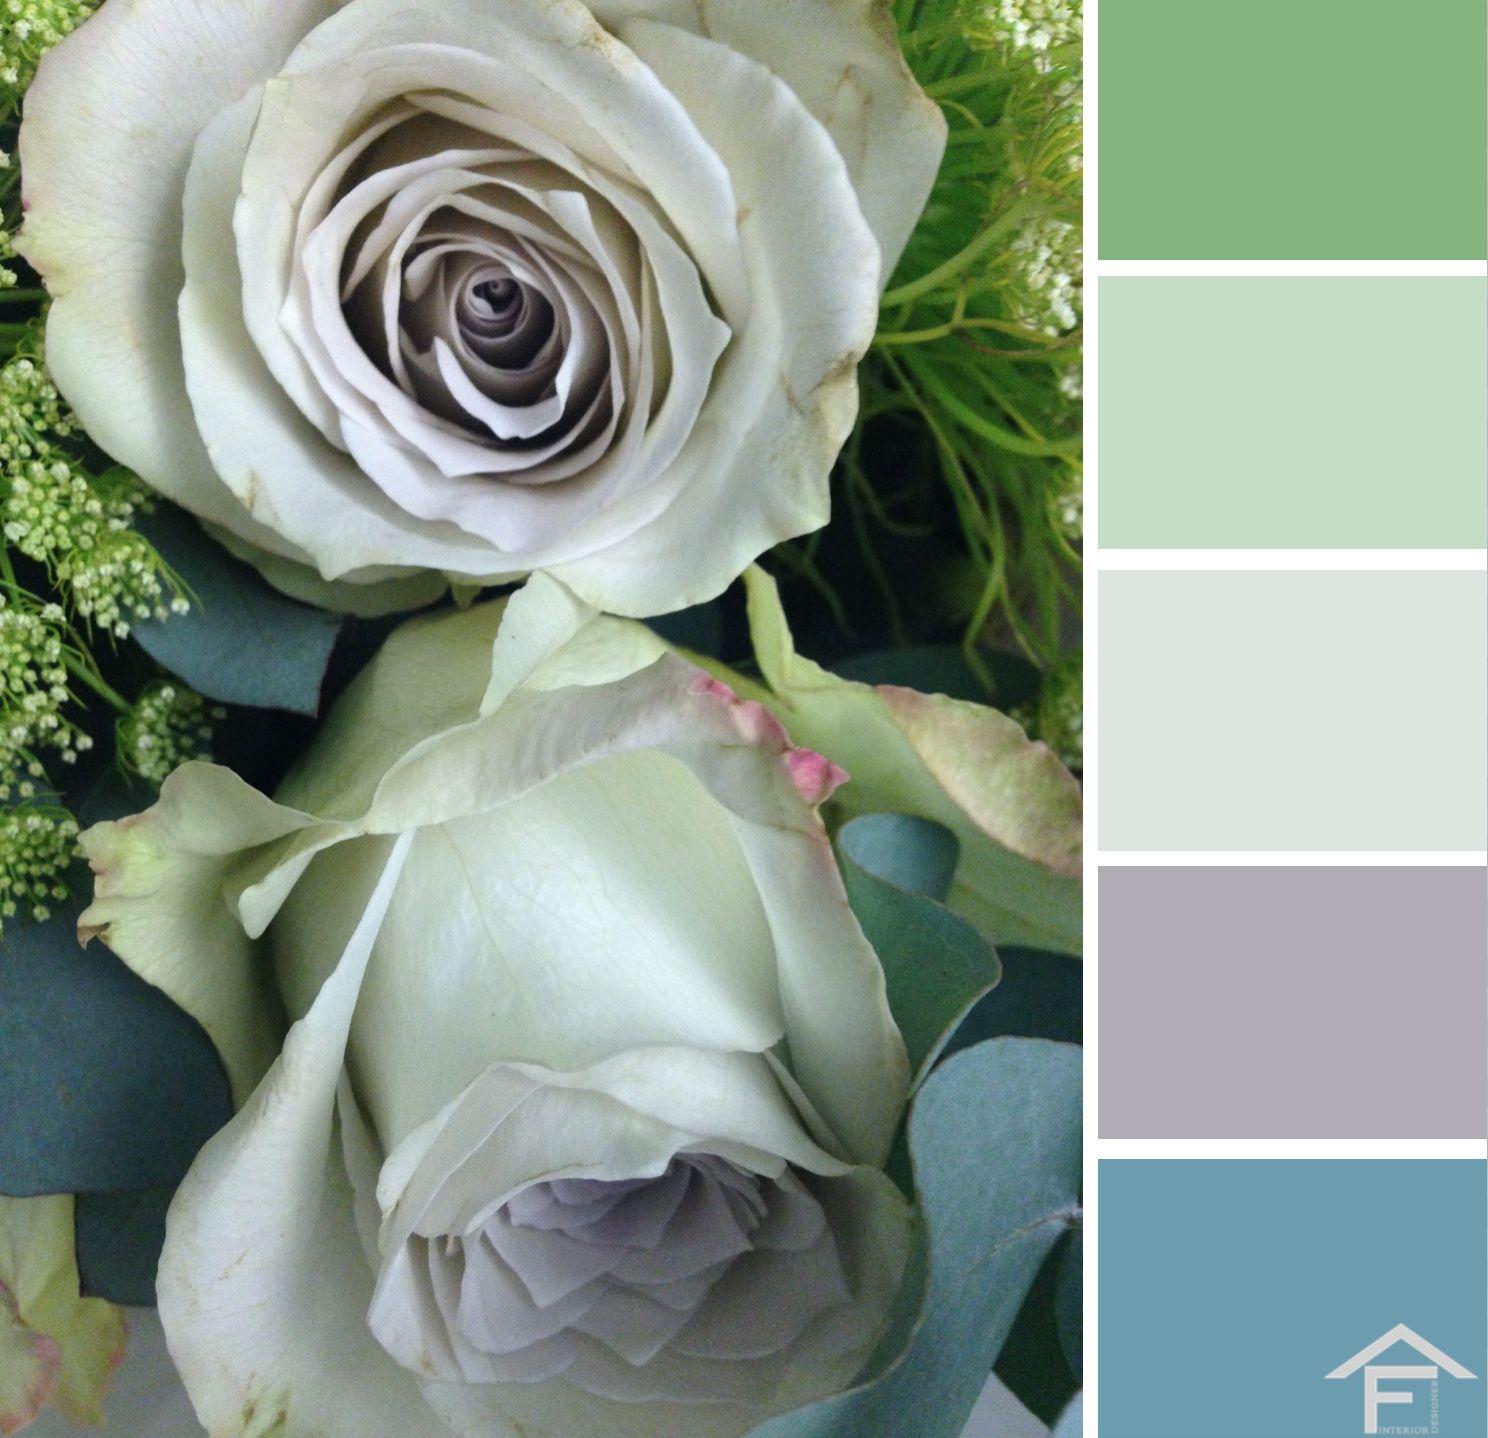 Küche interieur farbschemata palette colore fiori piante giardino tendenze stili